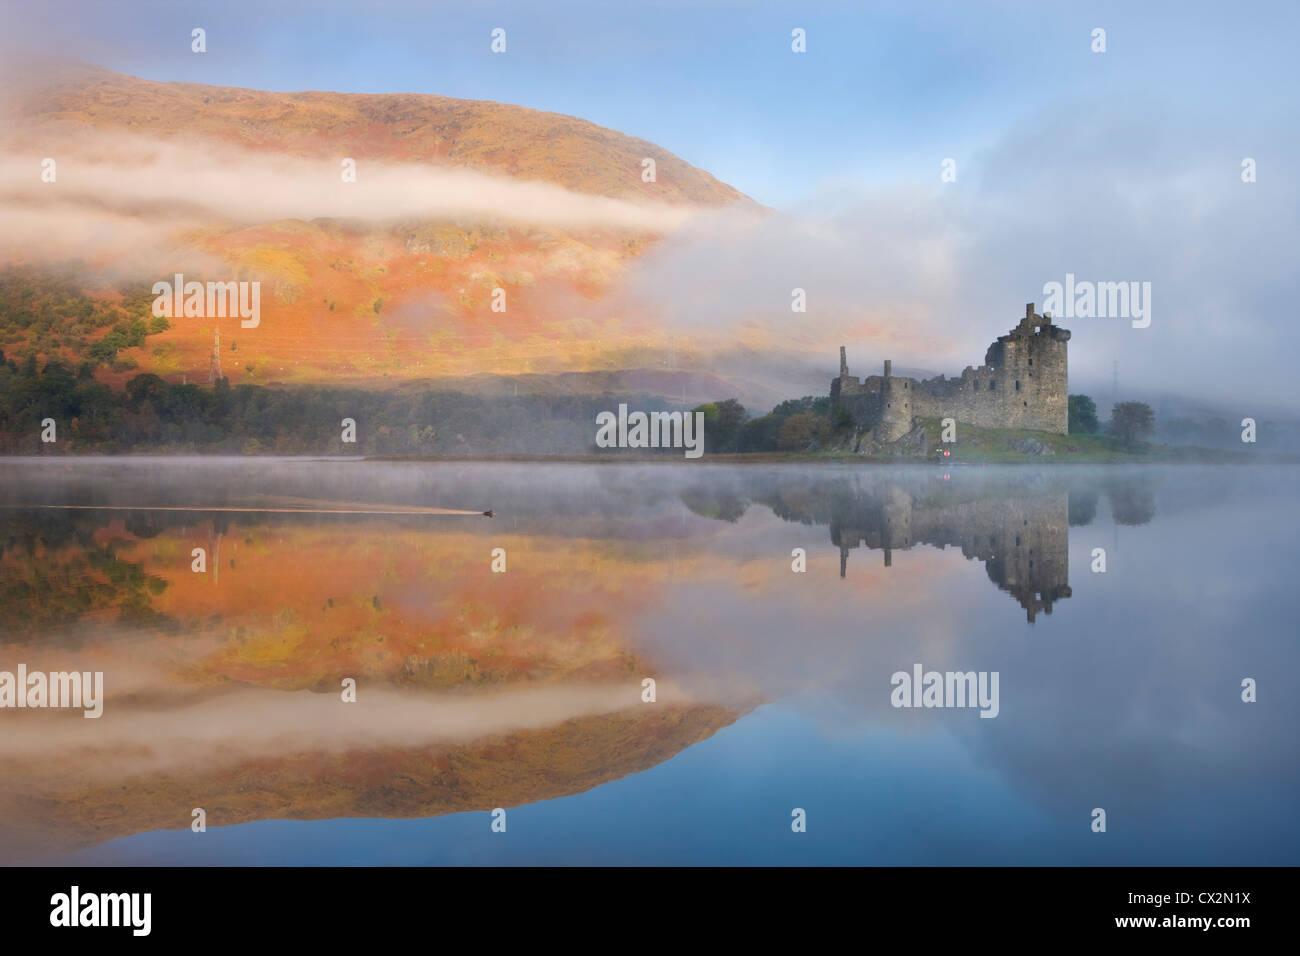 Ein nebliger Morgen neben Loch Awe mit Blick auf Kilchurn Castle, Argyll & Bute, Schottland. Herbst (Oktober) Stockbild